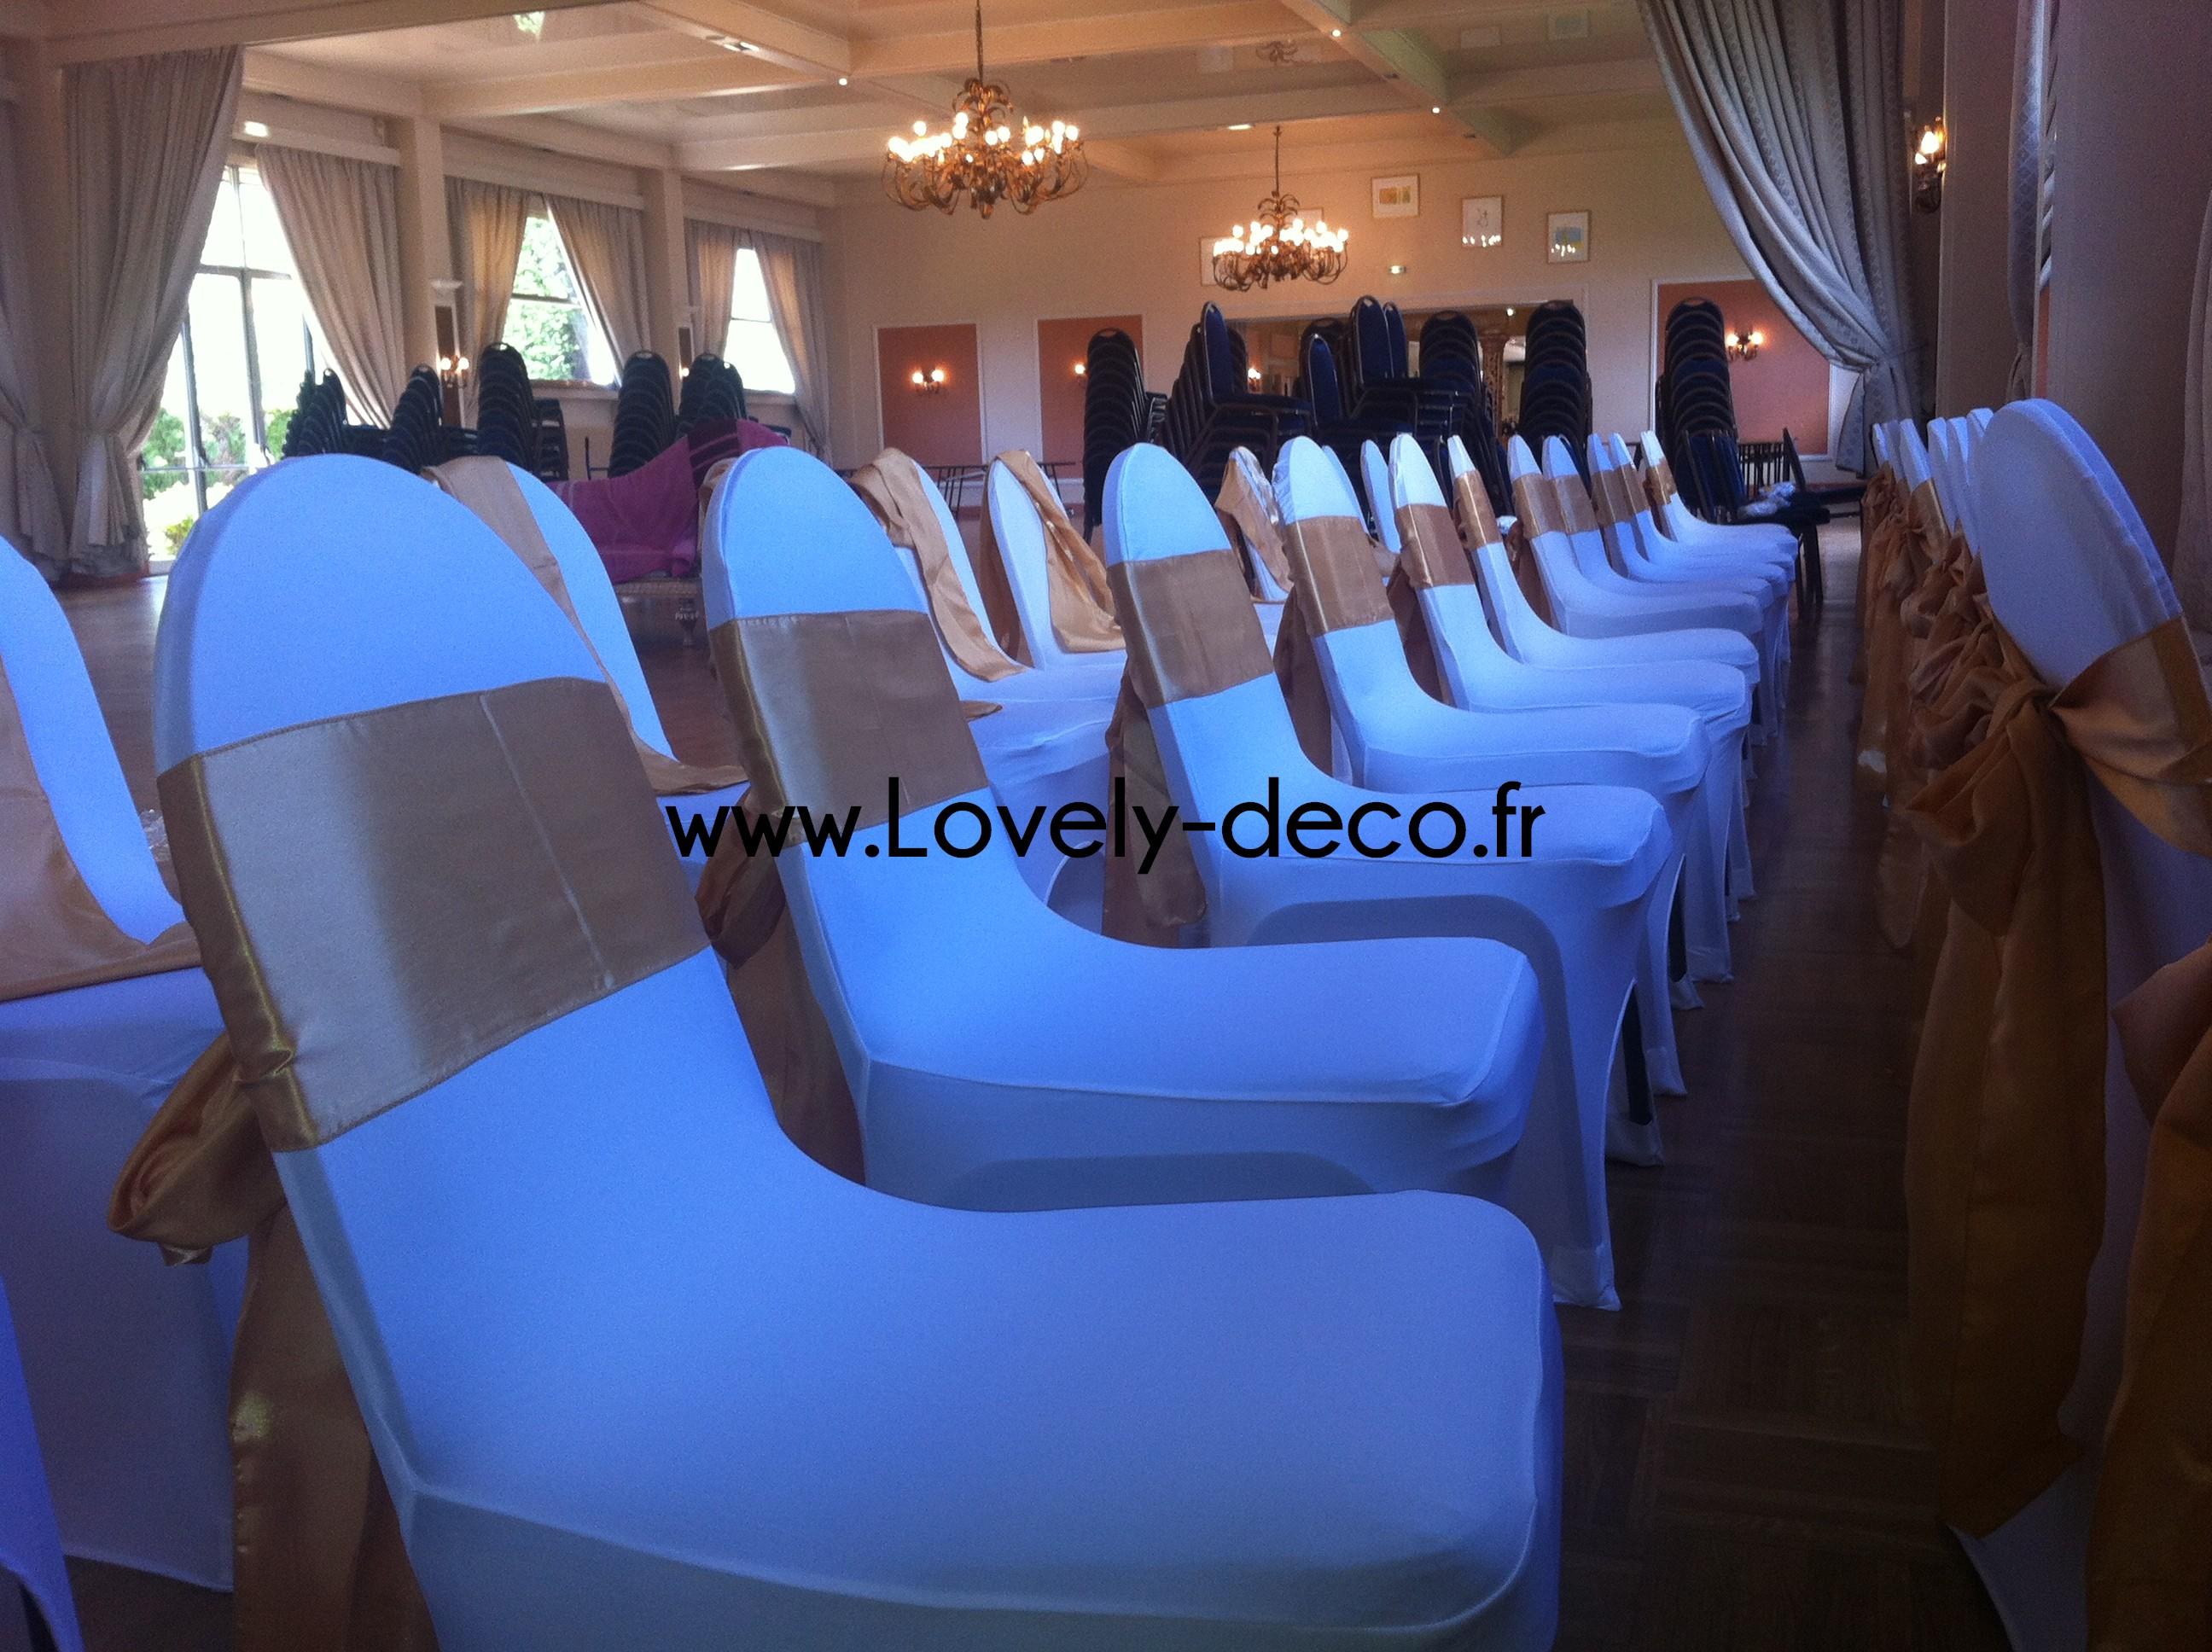 lovelydeco createur d 39 evenement. Black Bedroom Furniture Sets. Home Design Ideas